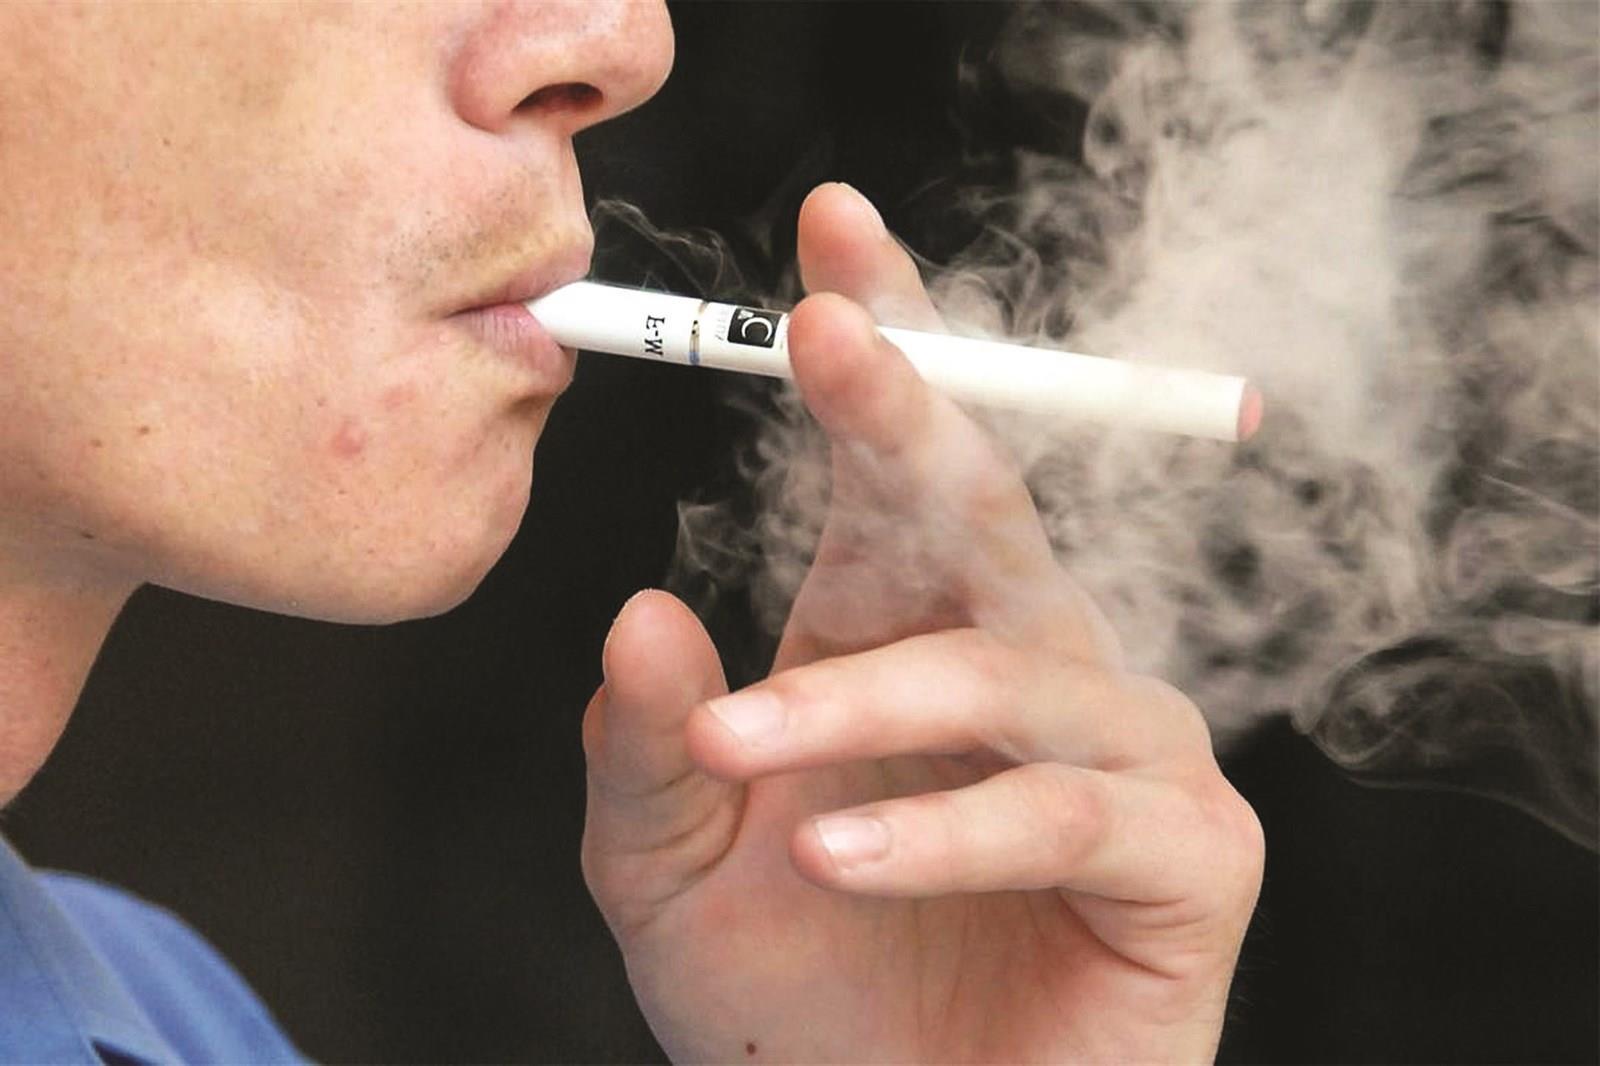 بالسجائر الإلكترونية يتم تسخين سائل يحتوي على النيكوتين الموجود داخلها ليتحول لبخار